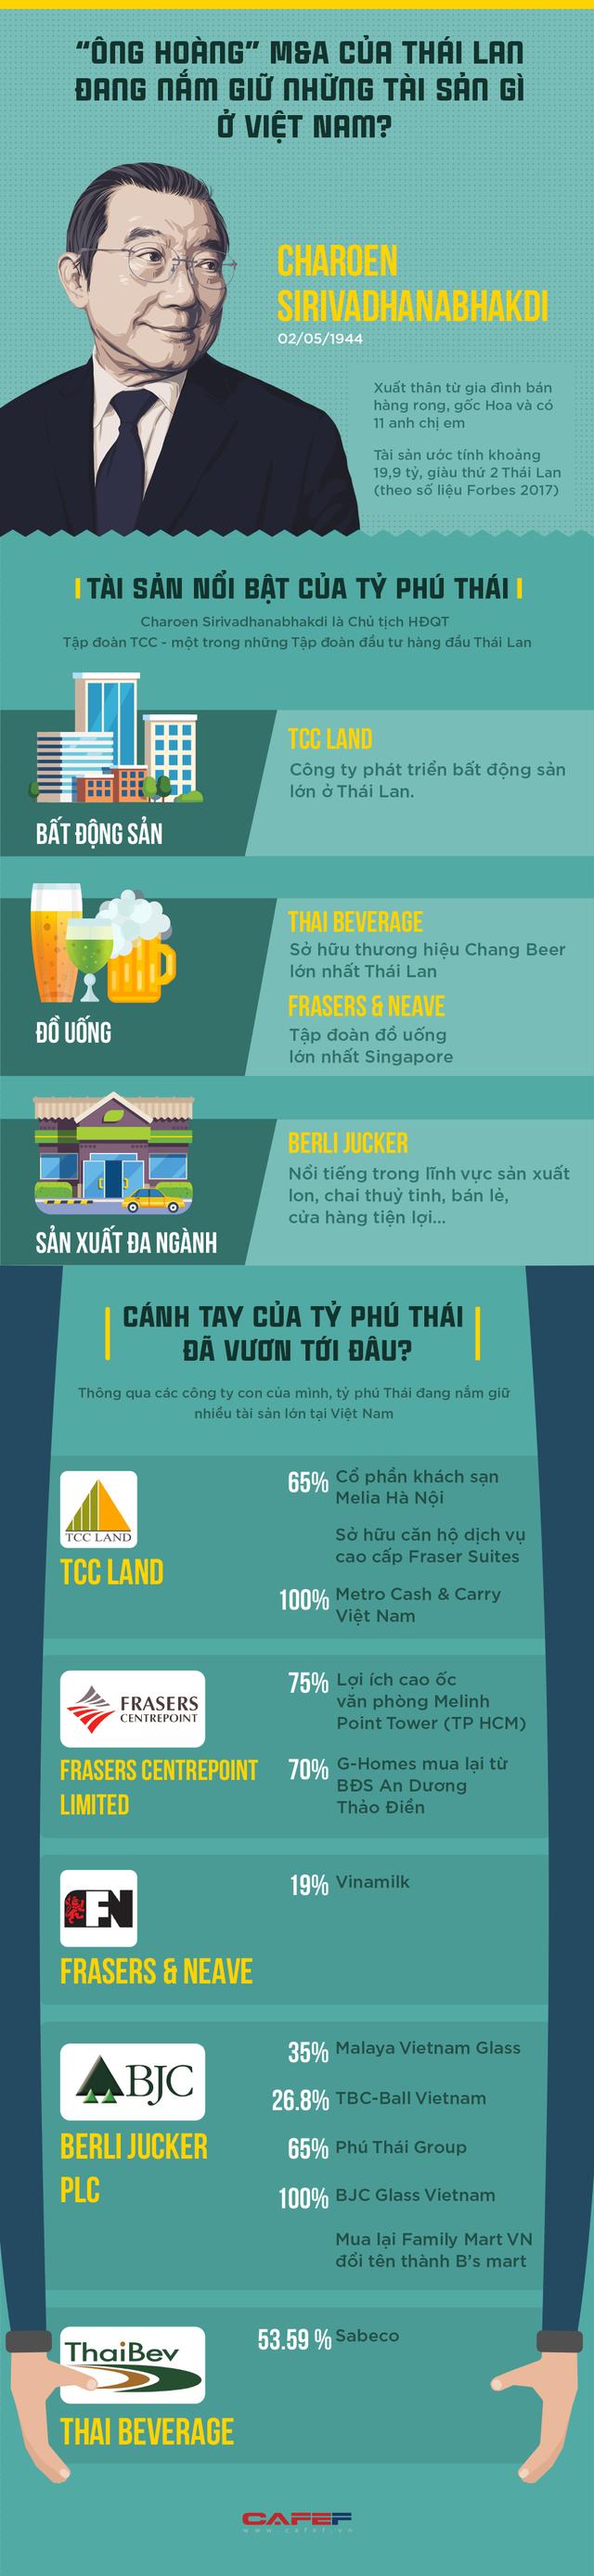 """""""Ông hoàng"""" M&A của Thái Lan đang nắm giữ những tài sản gì ở Việt Nam? - Ảnh 1."""